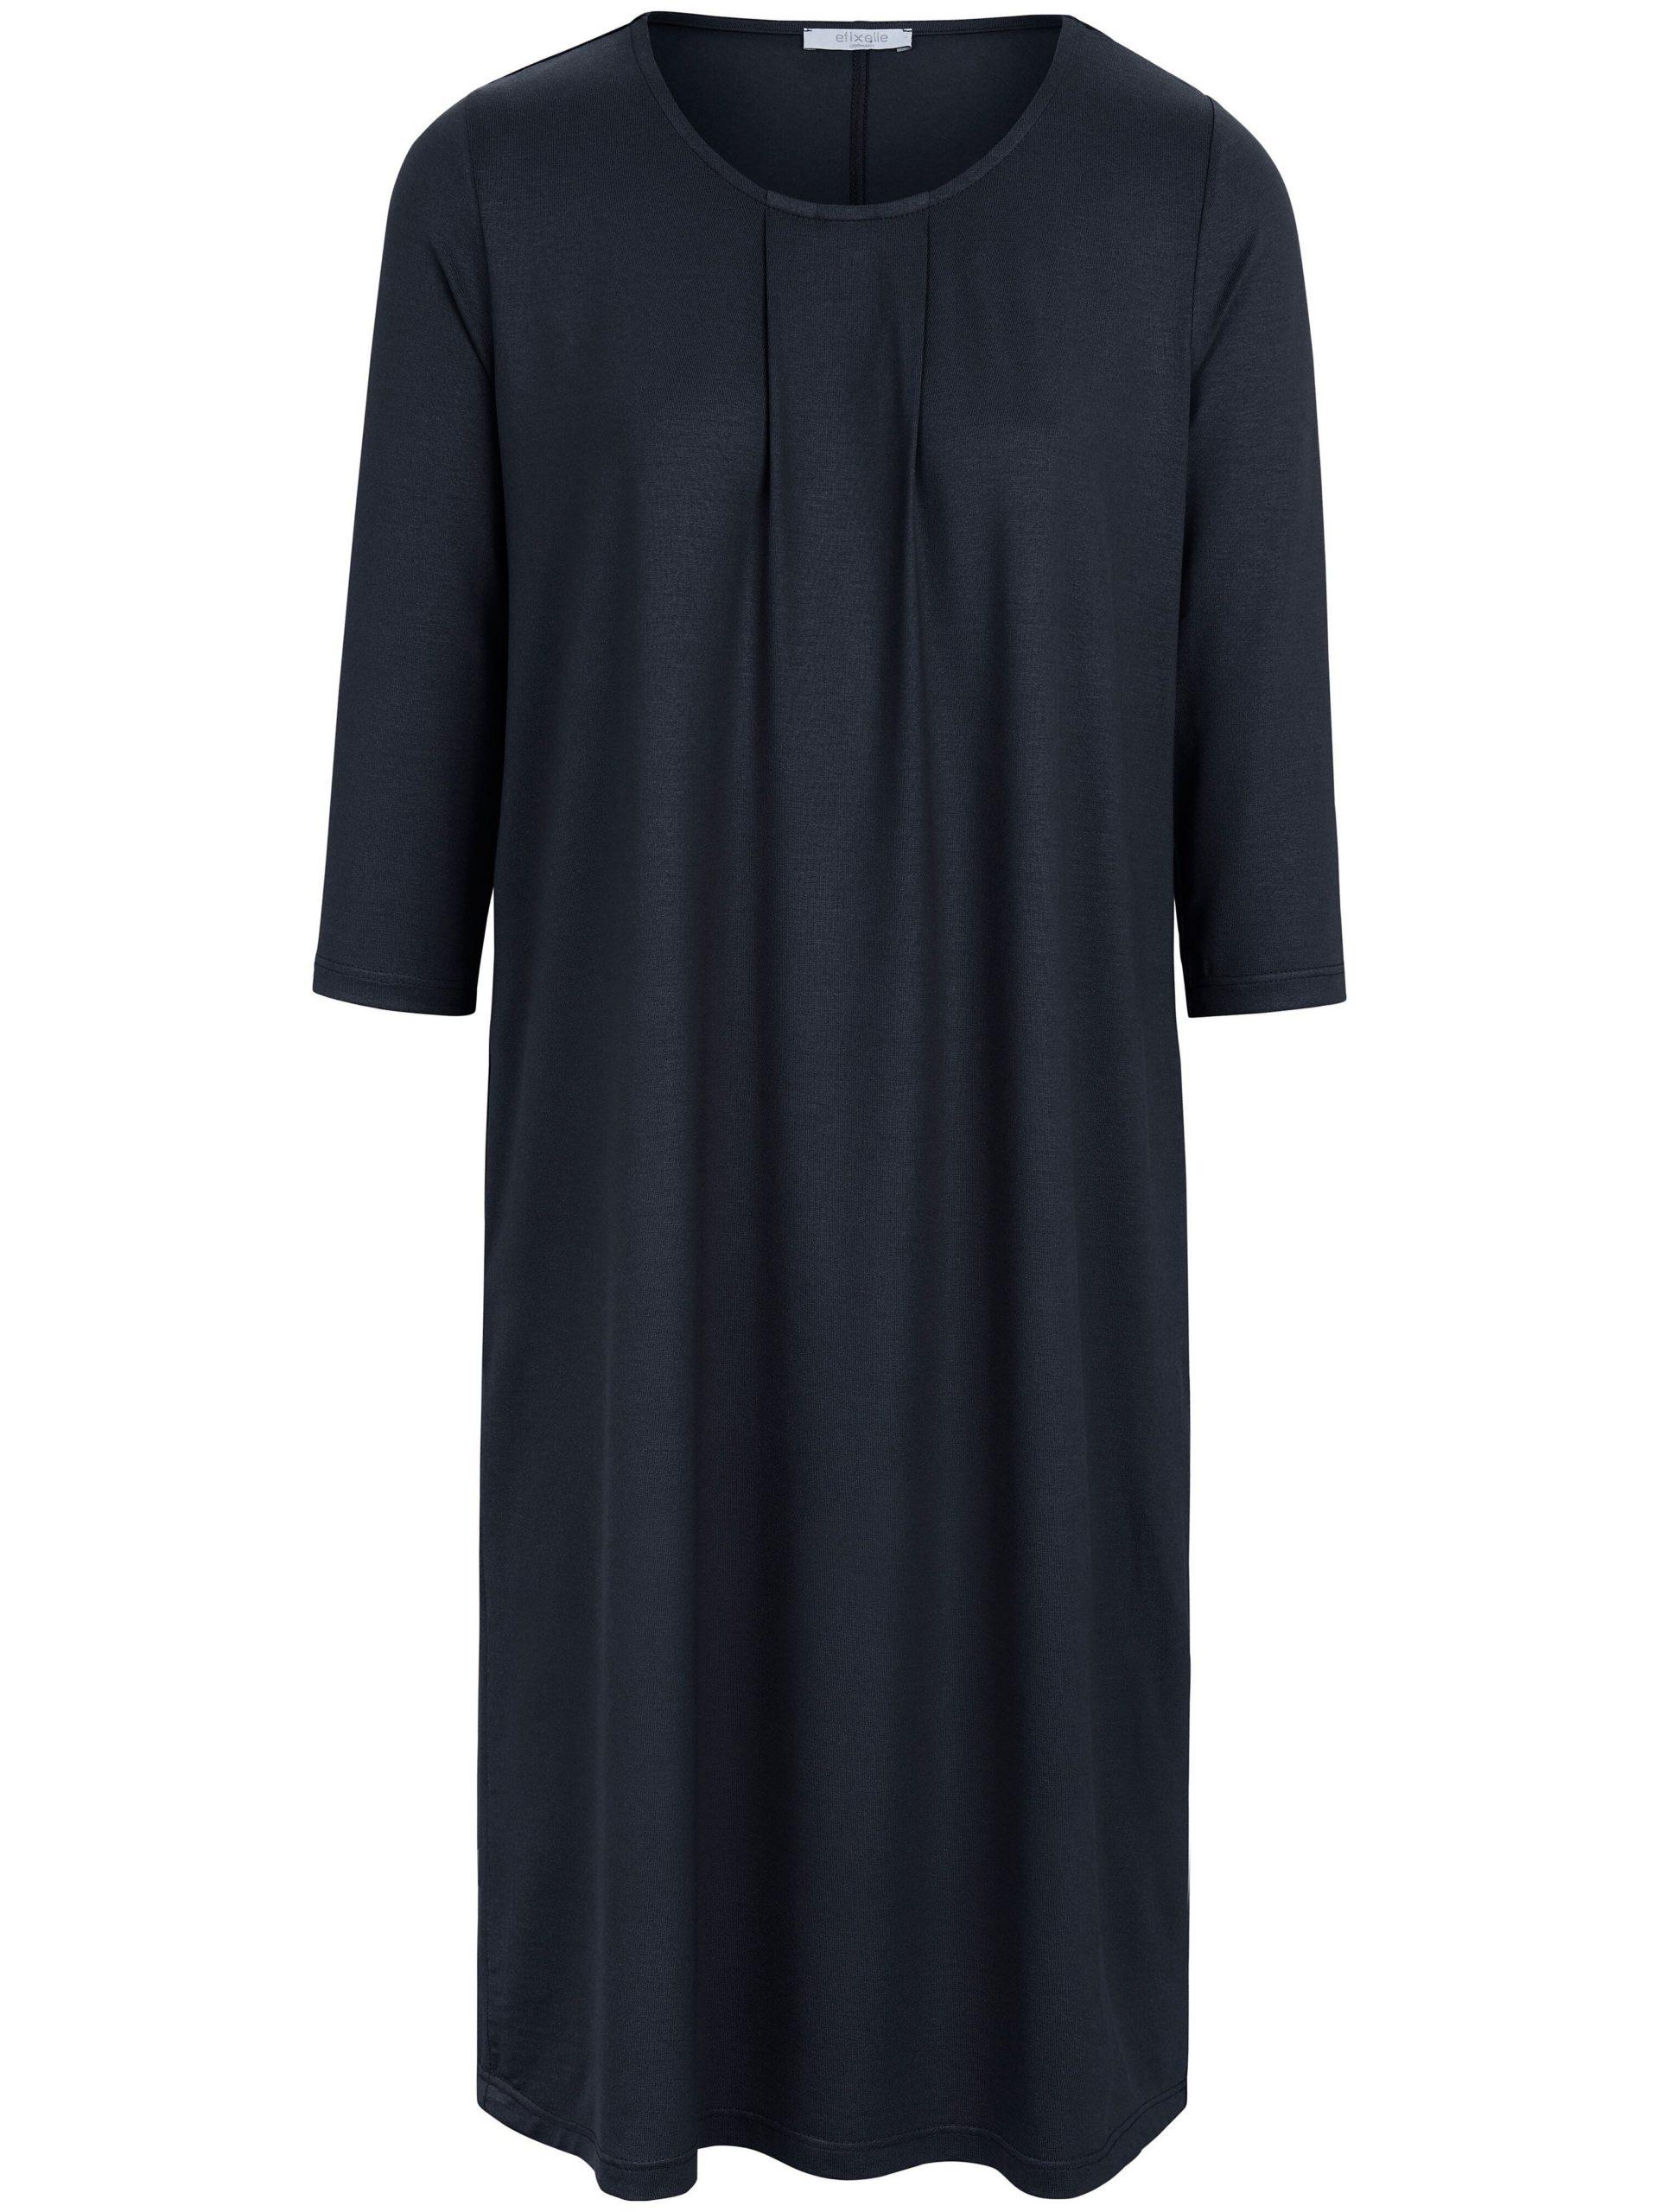 Jerseyjurk met 3/4-mouwen Van Efixelle blauw Kopen